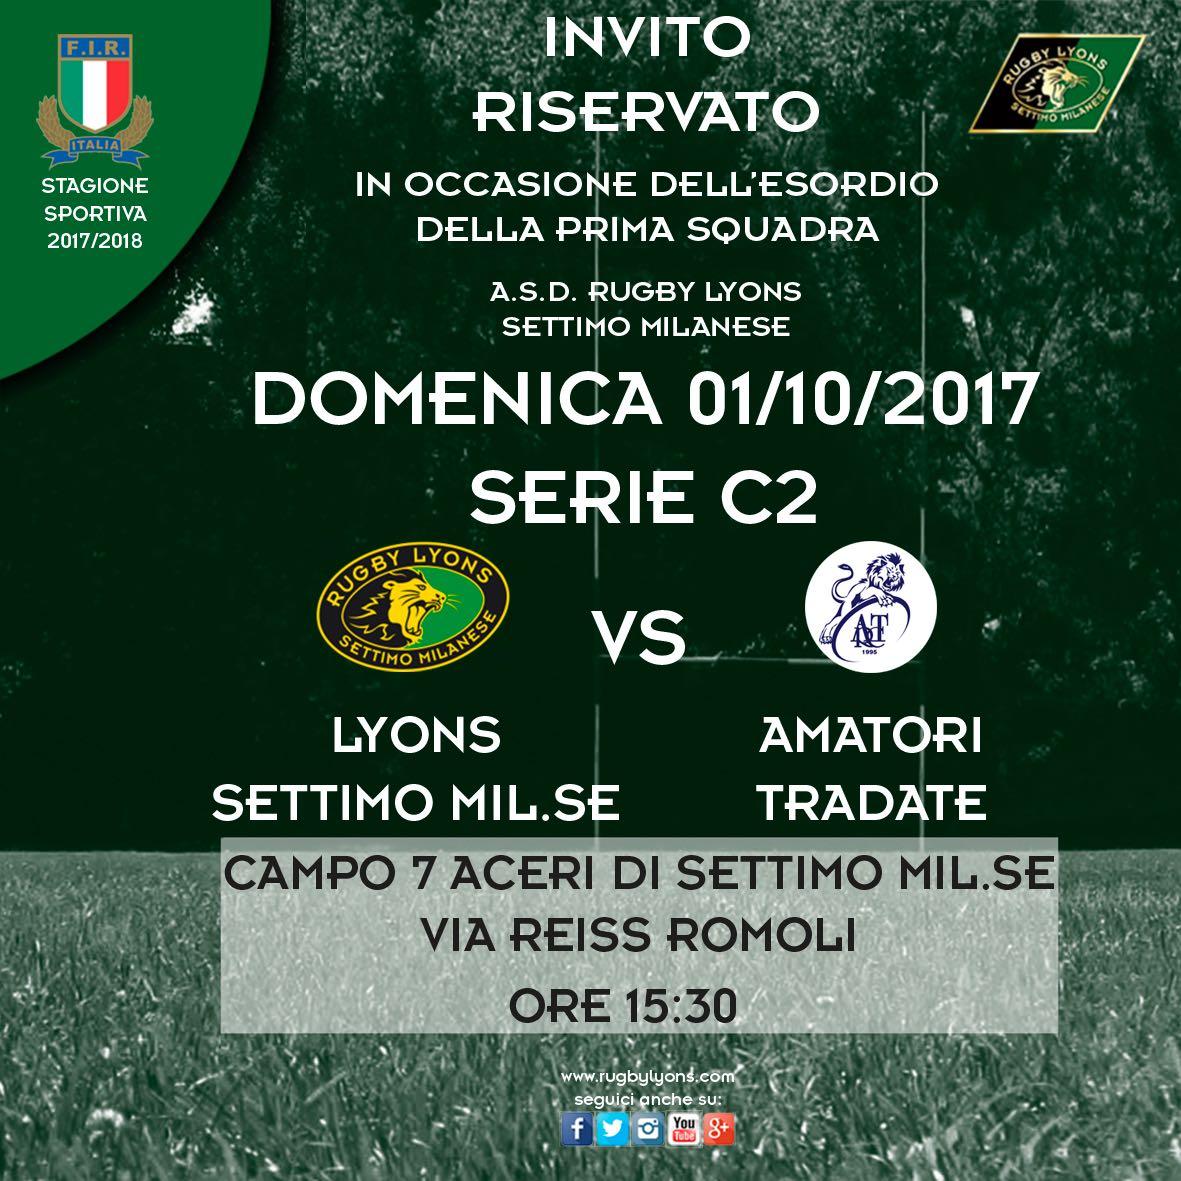 Esordio della Prima Squadra in Serie C2